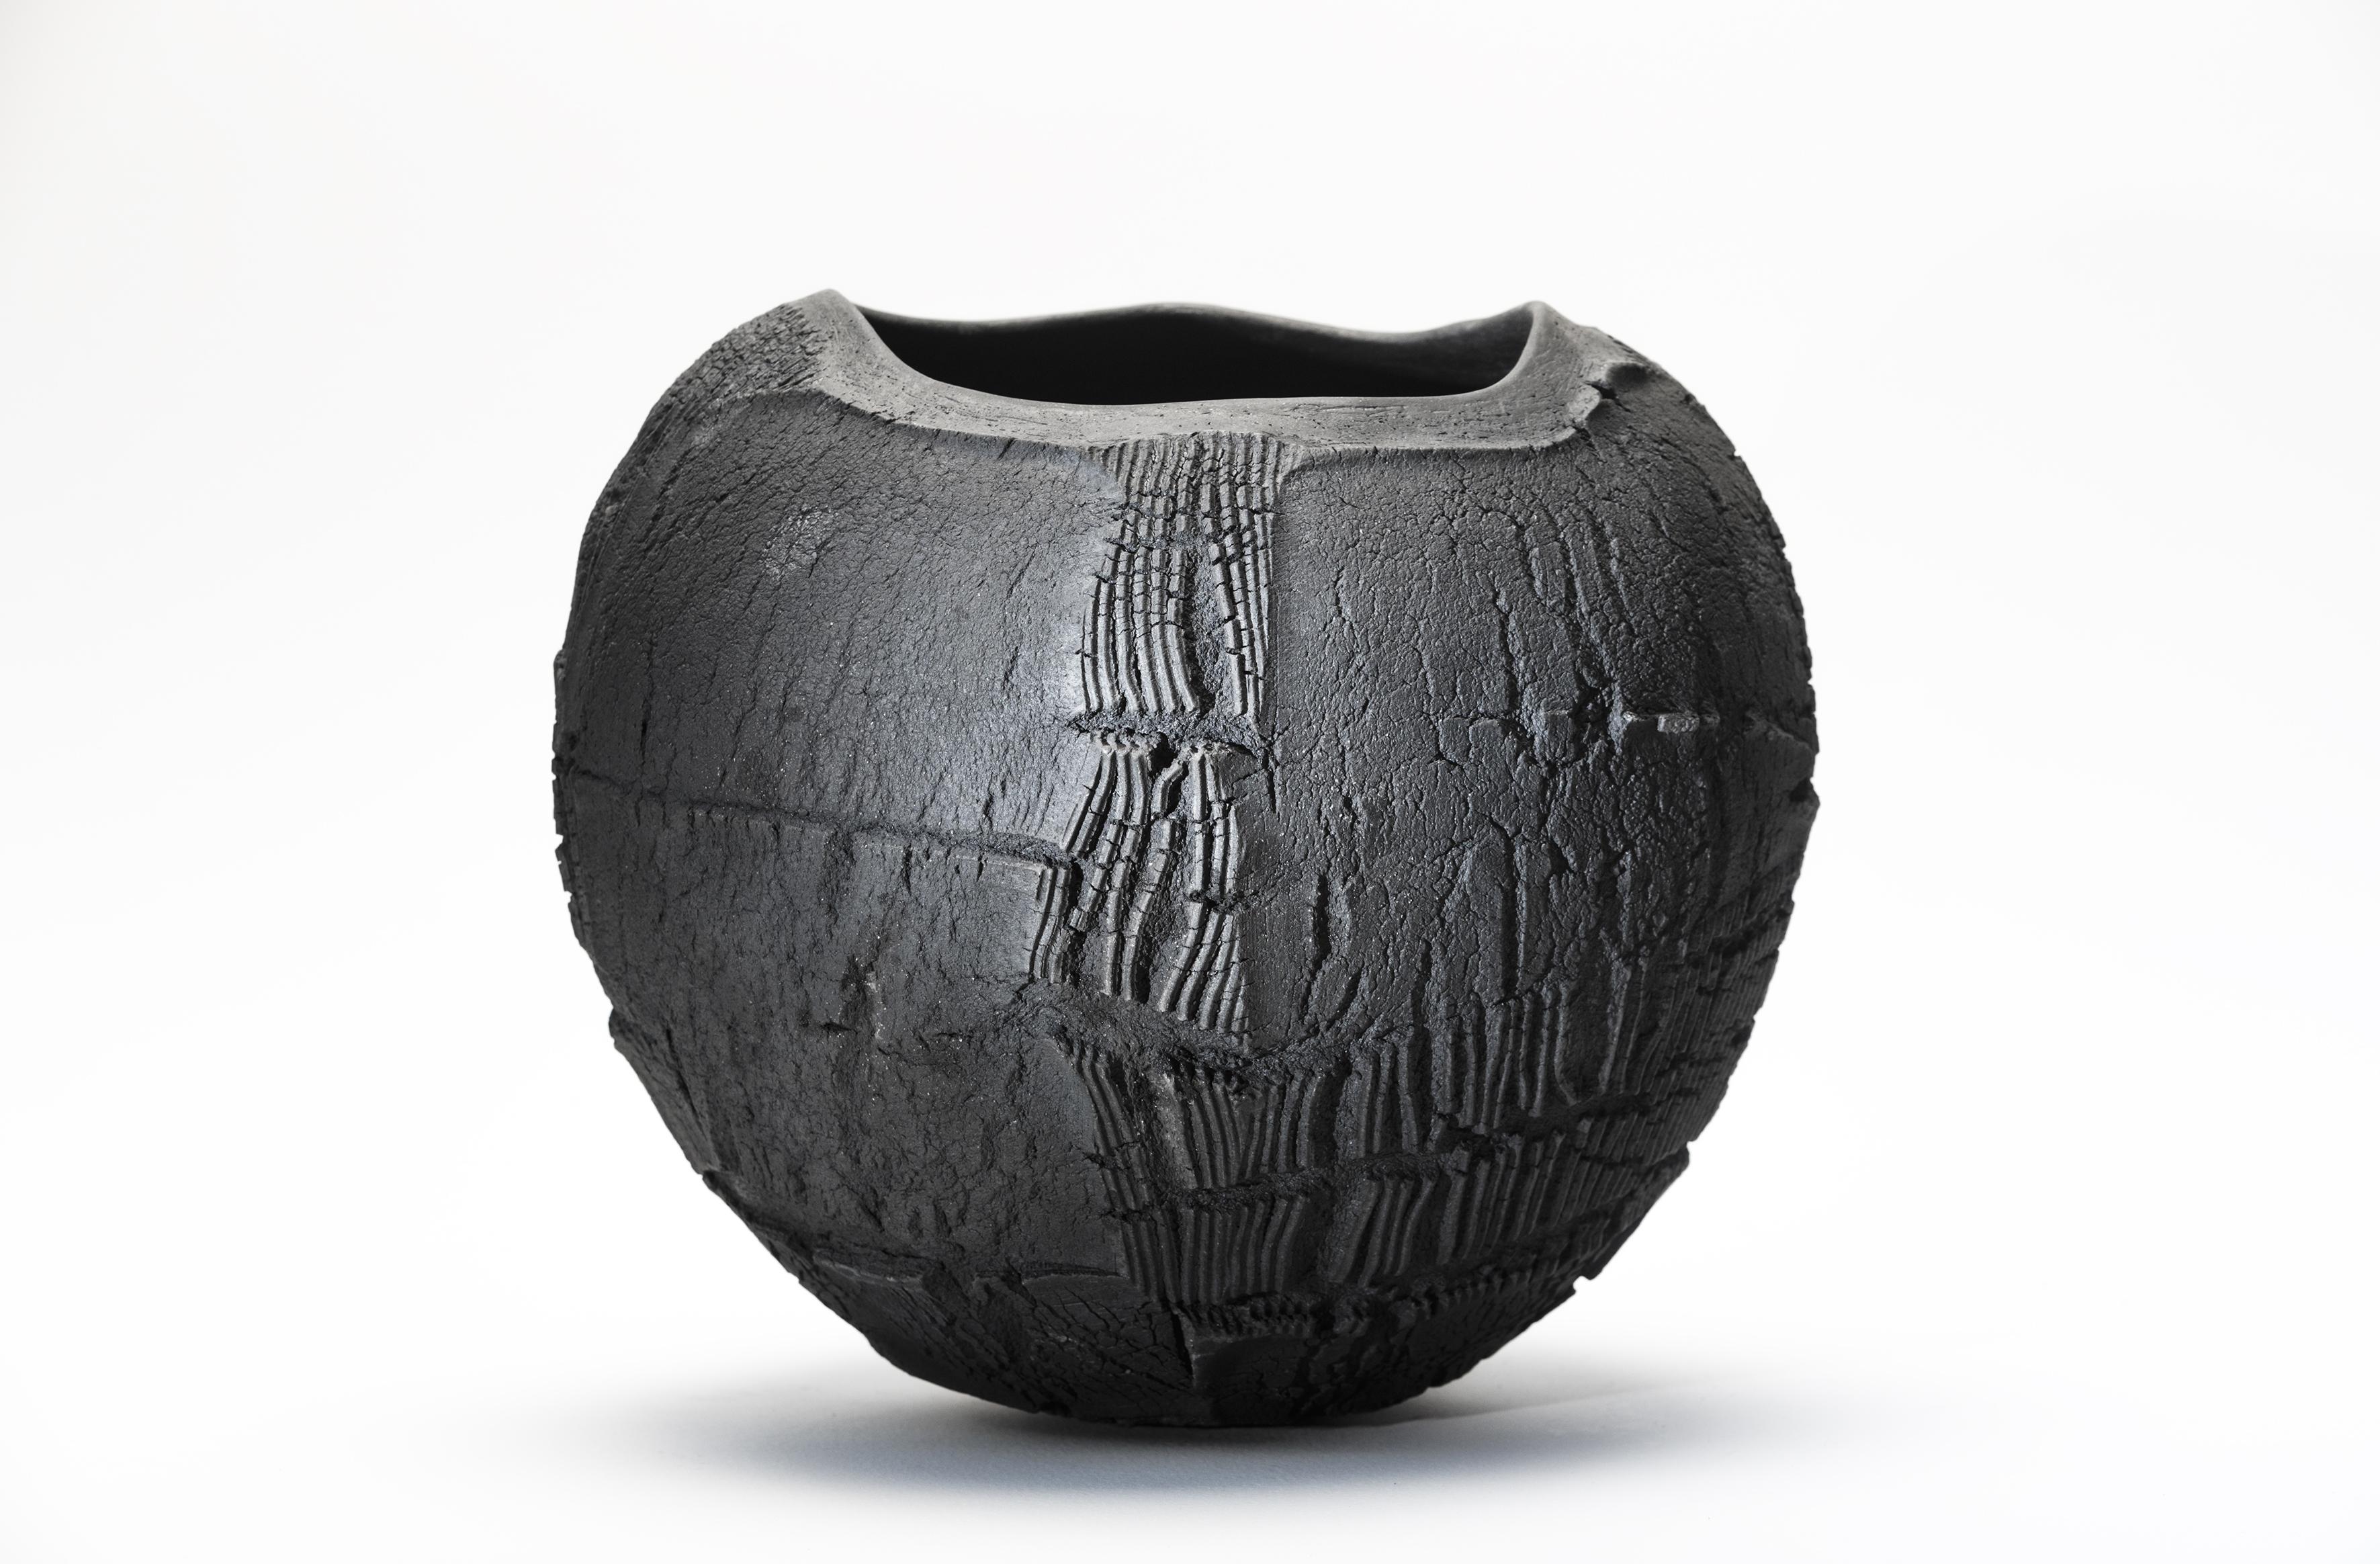 Patricia Shone. Erosion Bowl 18. Raku Ceramic. Image Joris Jan Bos Photograpy.